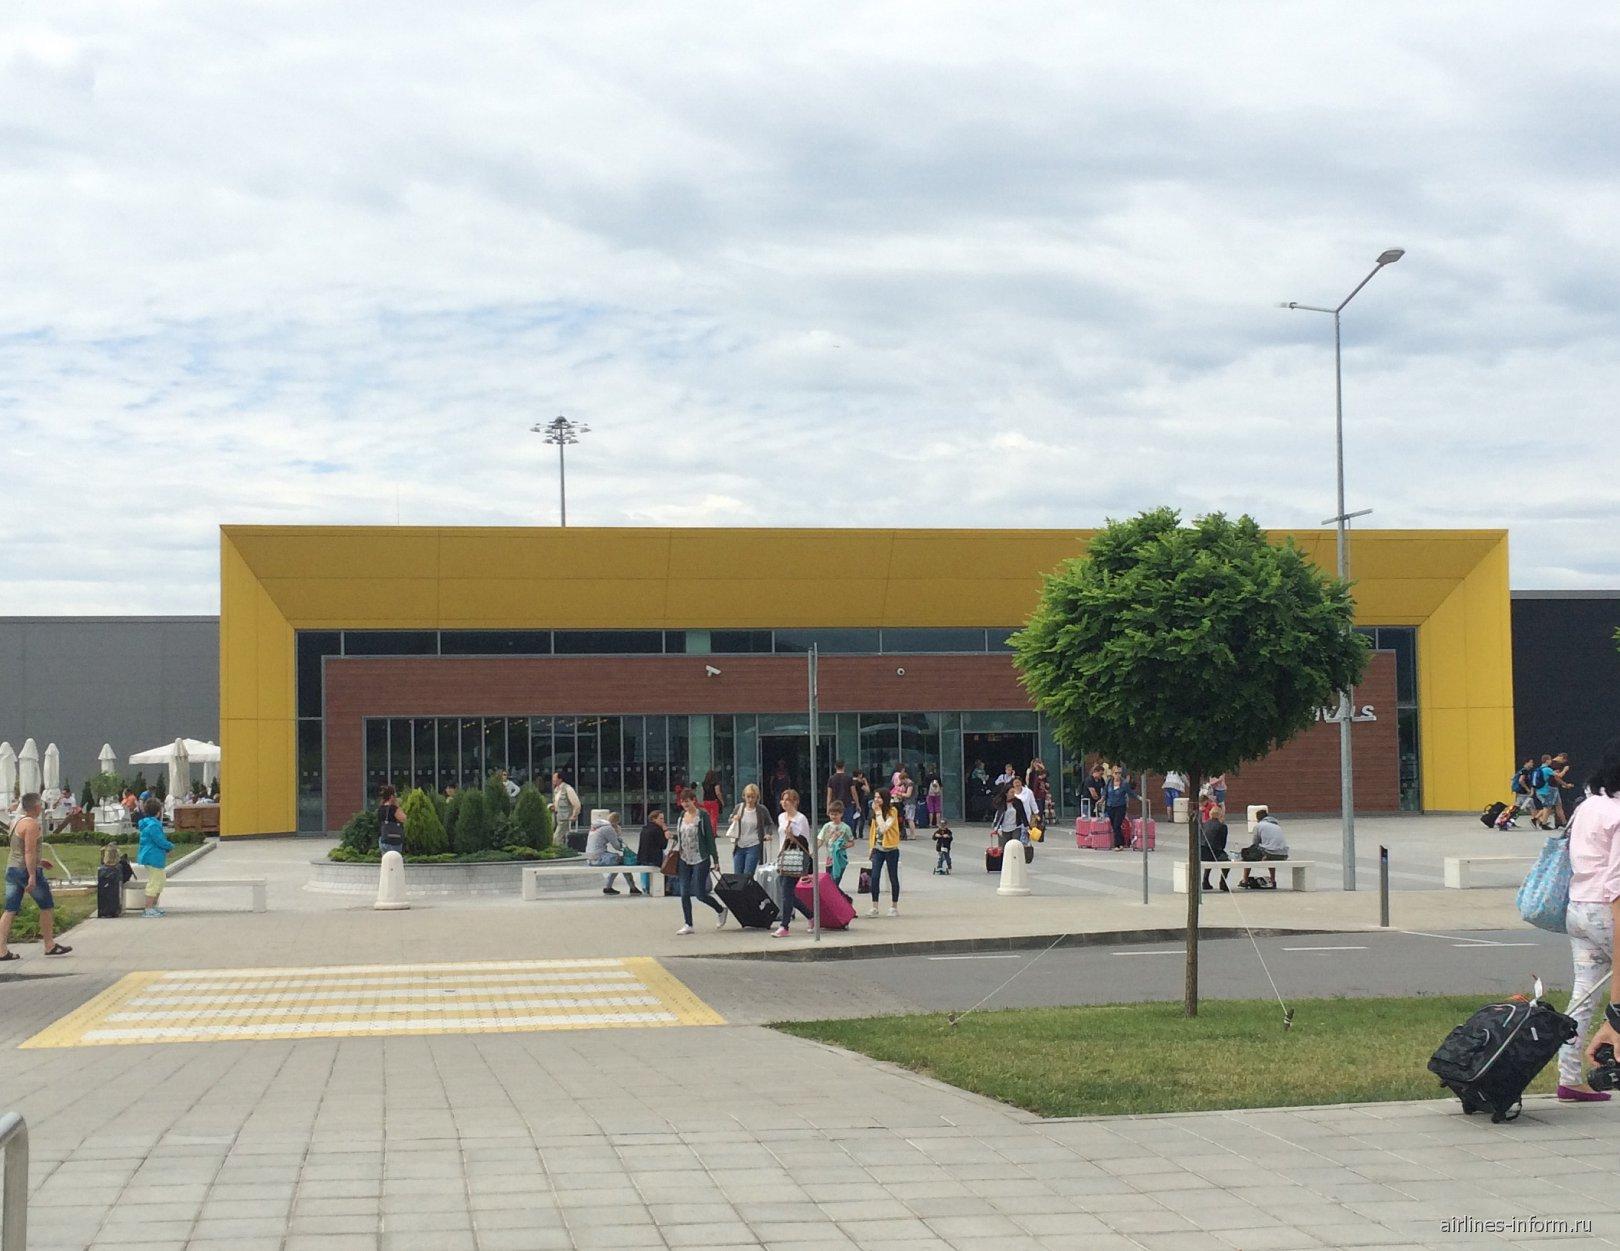 Зал прилета аэропорта Варна со стороны привокзальной площади